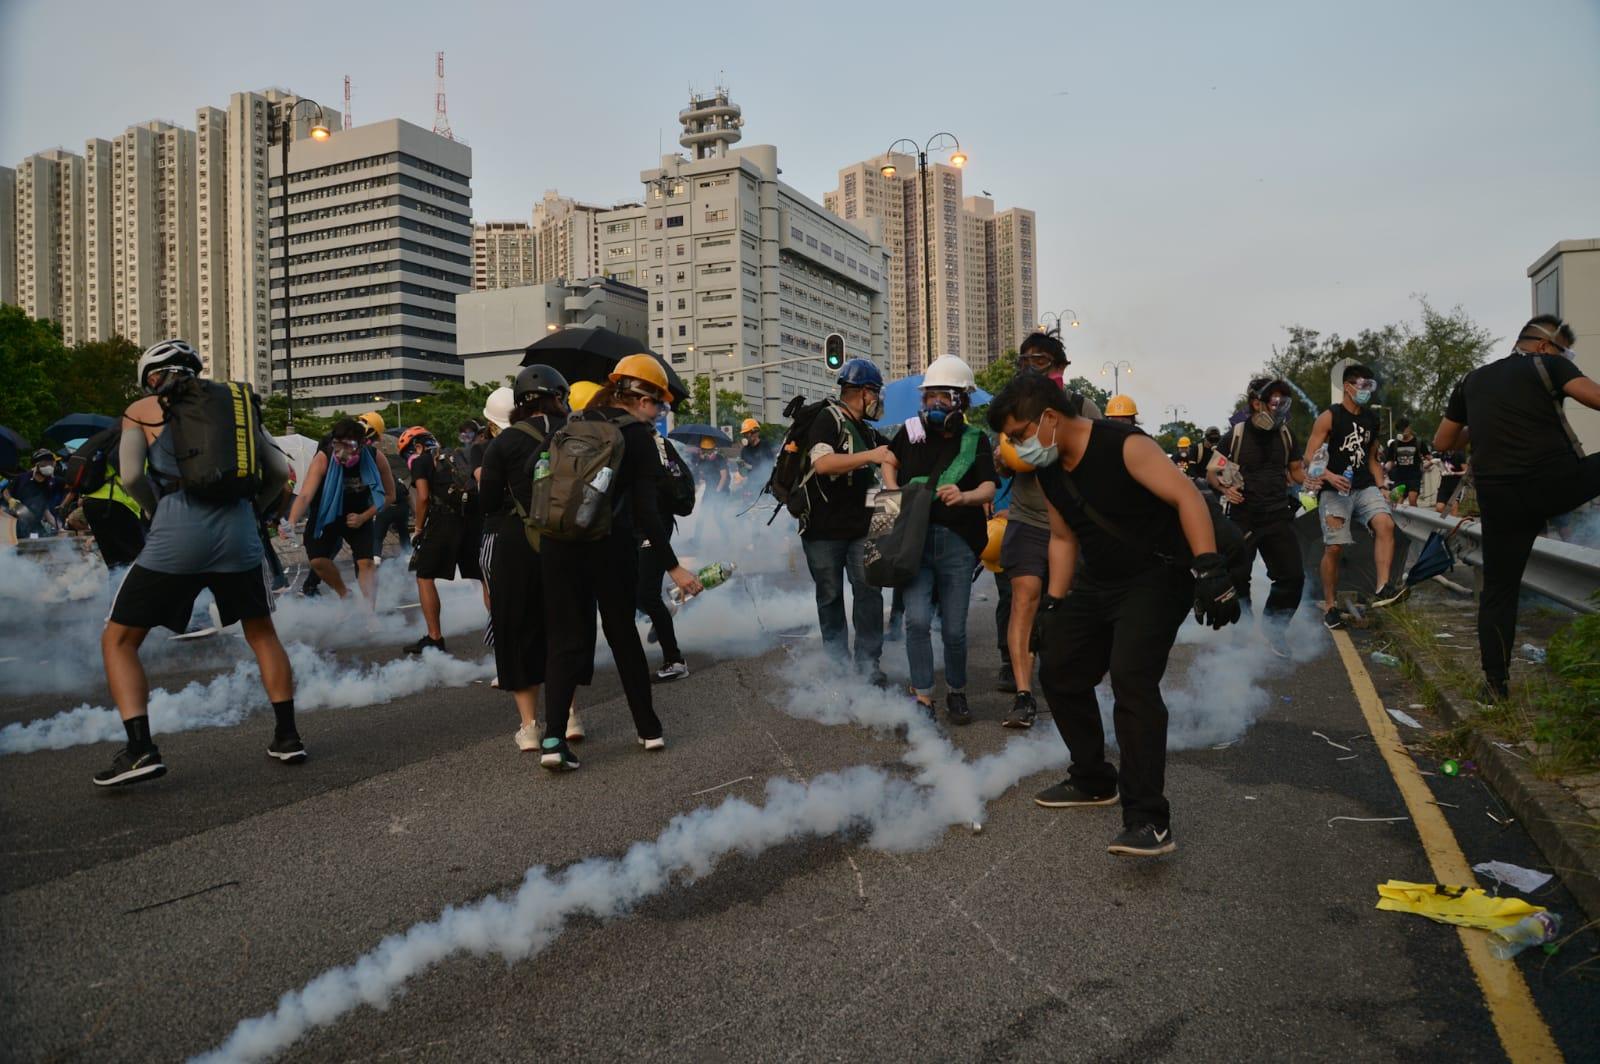 警方形容示威活動越演越烈,暴力逐步升級,警方一直保持高度克制,務求令社會恢復秩序。資料圖片